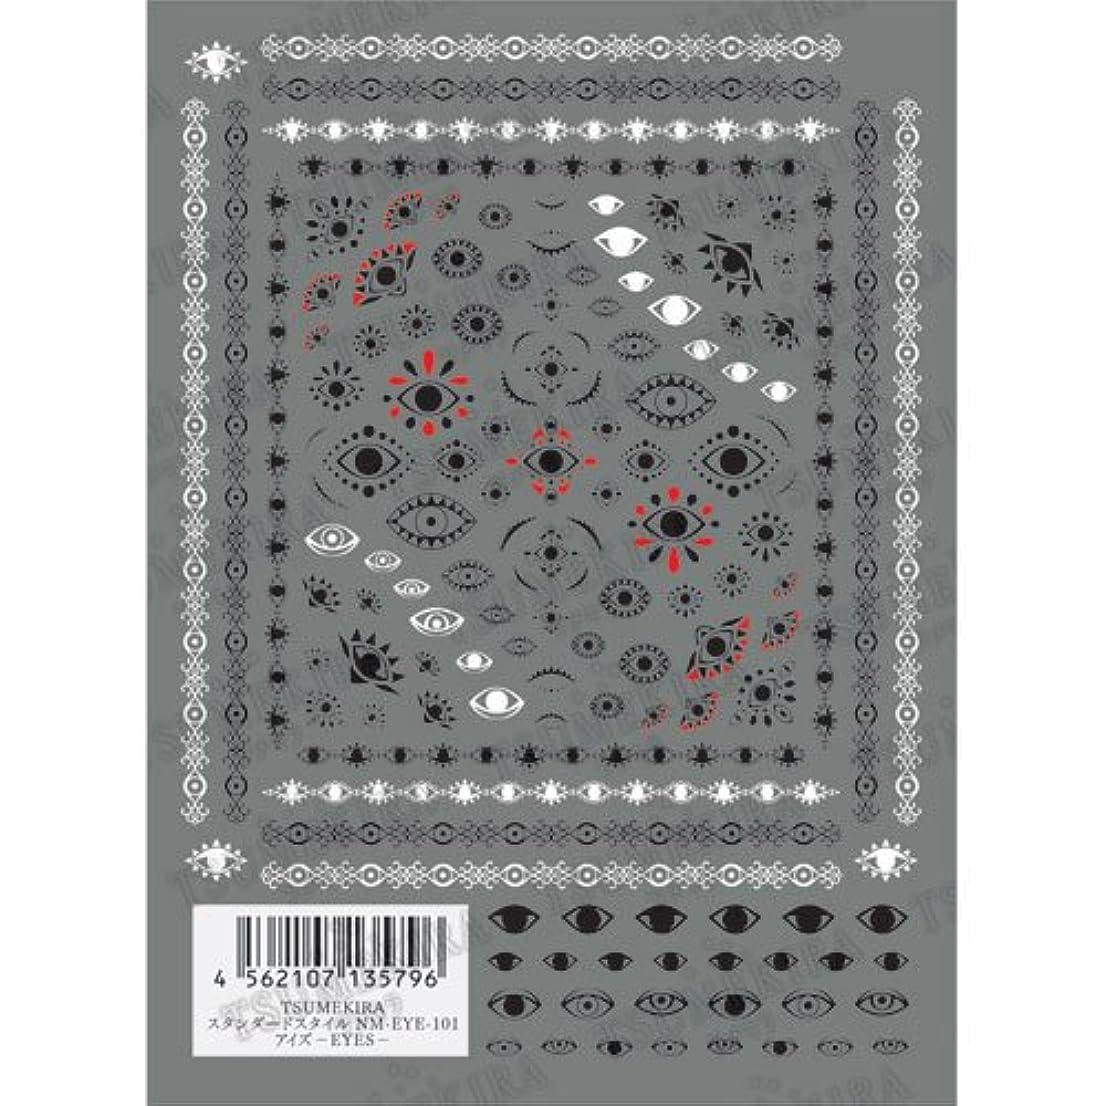 前文プレミアカリキュラムツメキラ(TSUMEKIRA) ネイル用シール アイズ NM-EYE-101